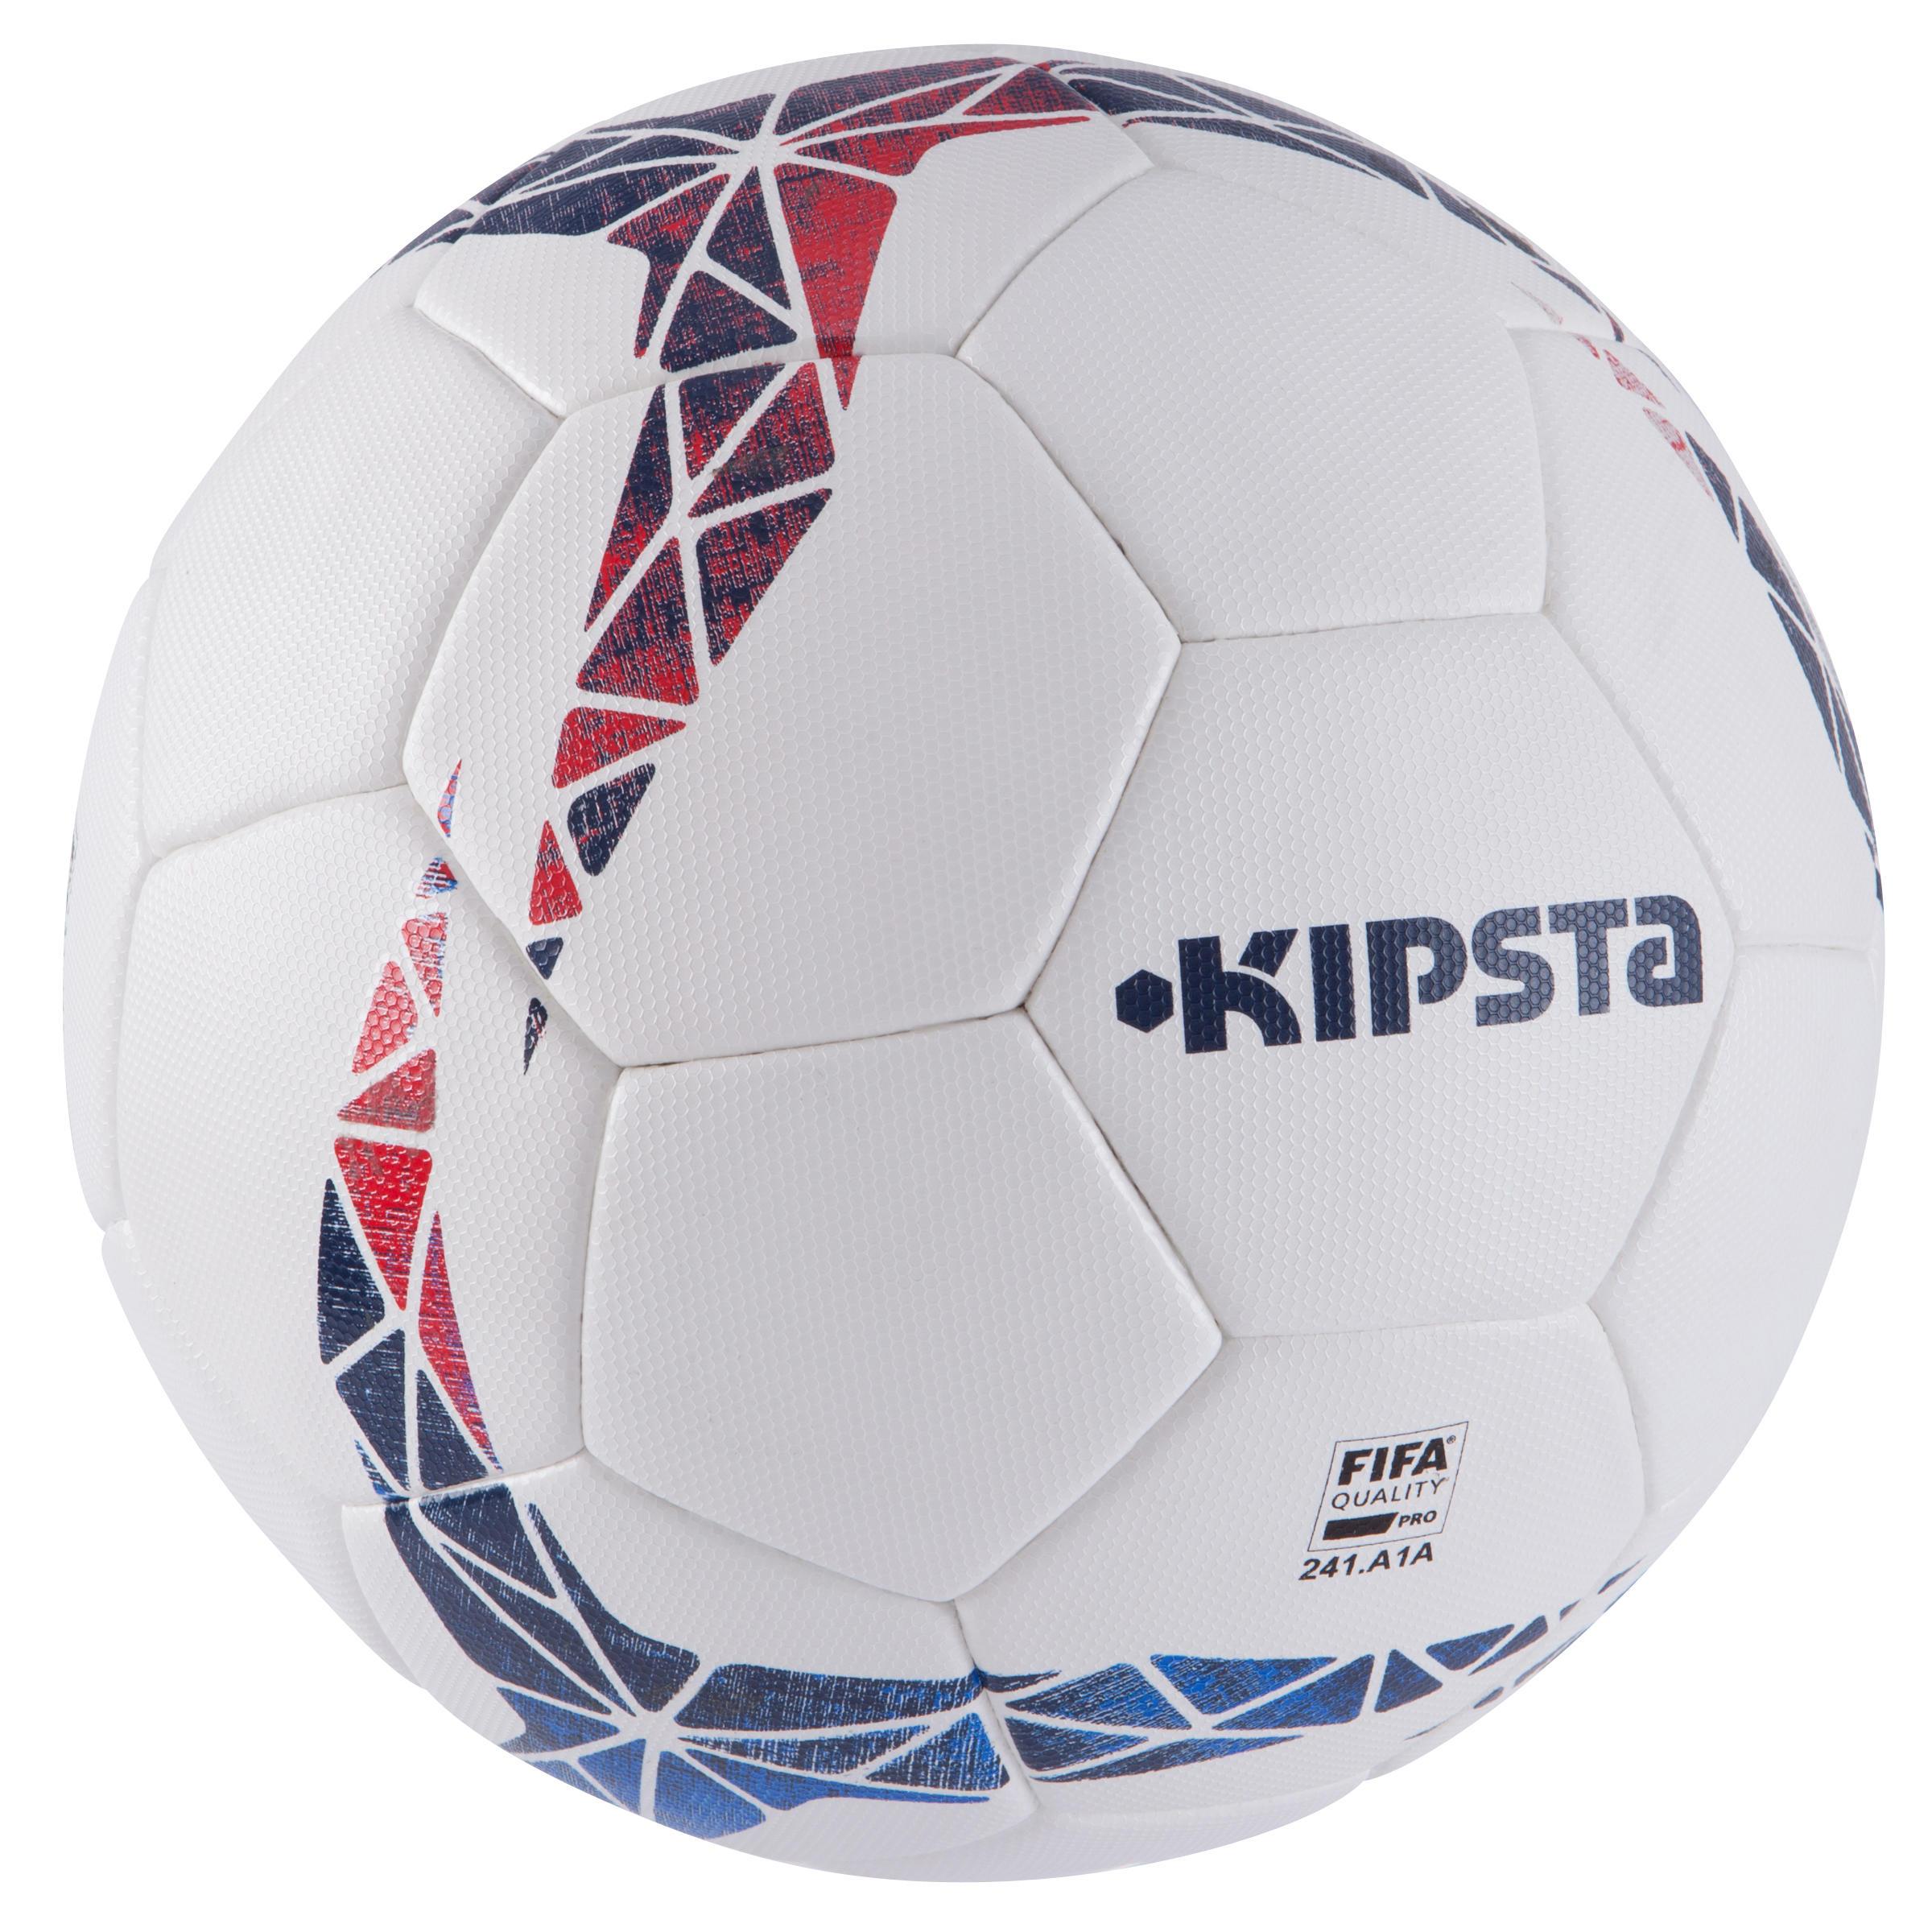 Balón de fútbol F900 FIFA PRO talla 5 blanco